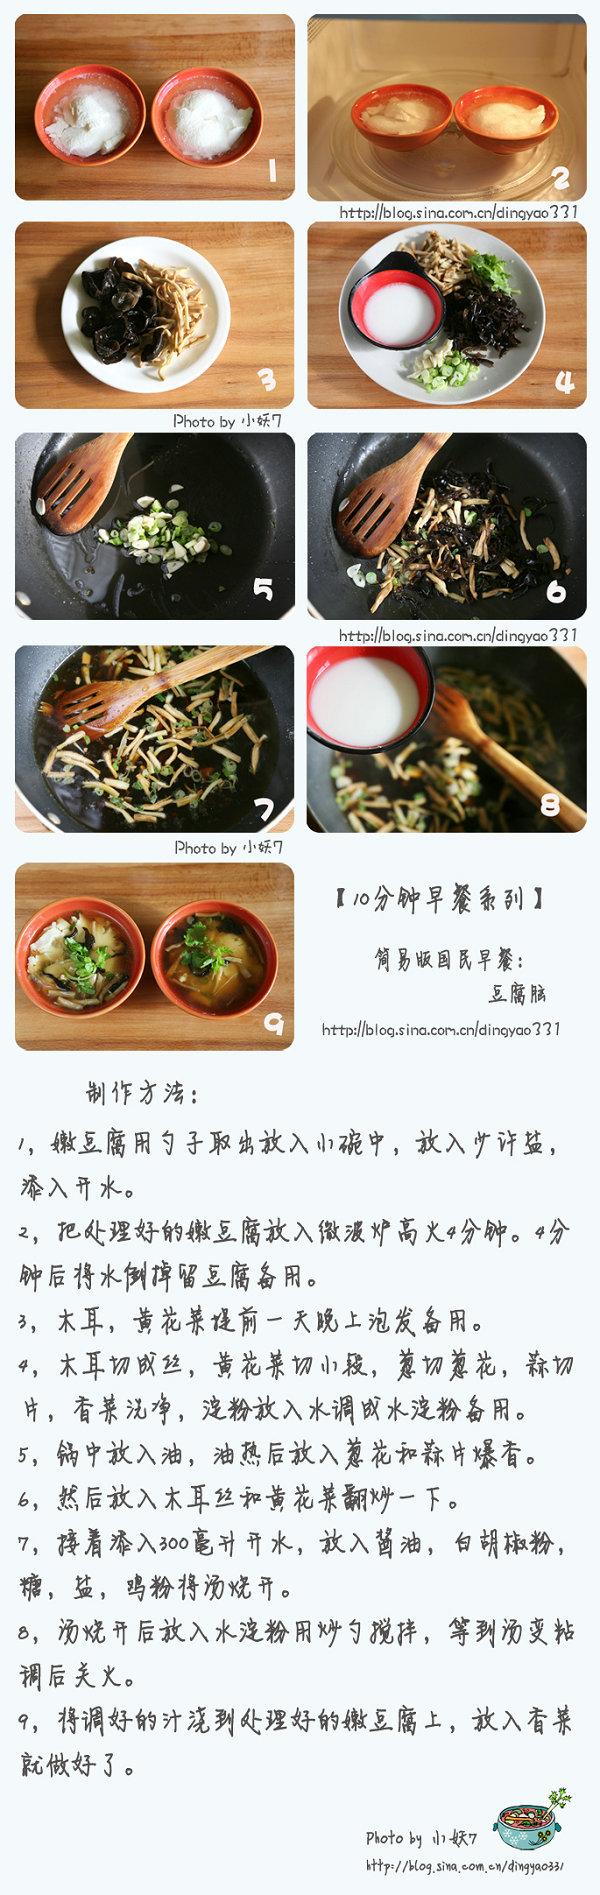 10分钟早餐系列【15】10分钟搞定简易版的国民早餐豆腐脑[小妖7]